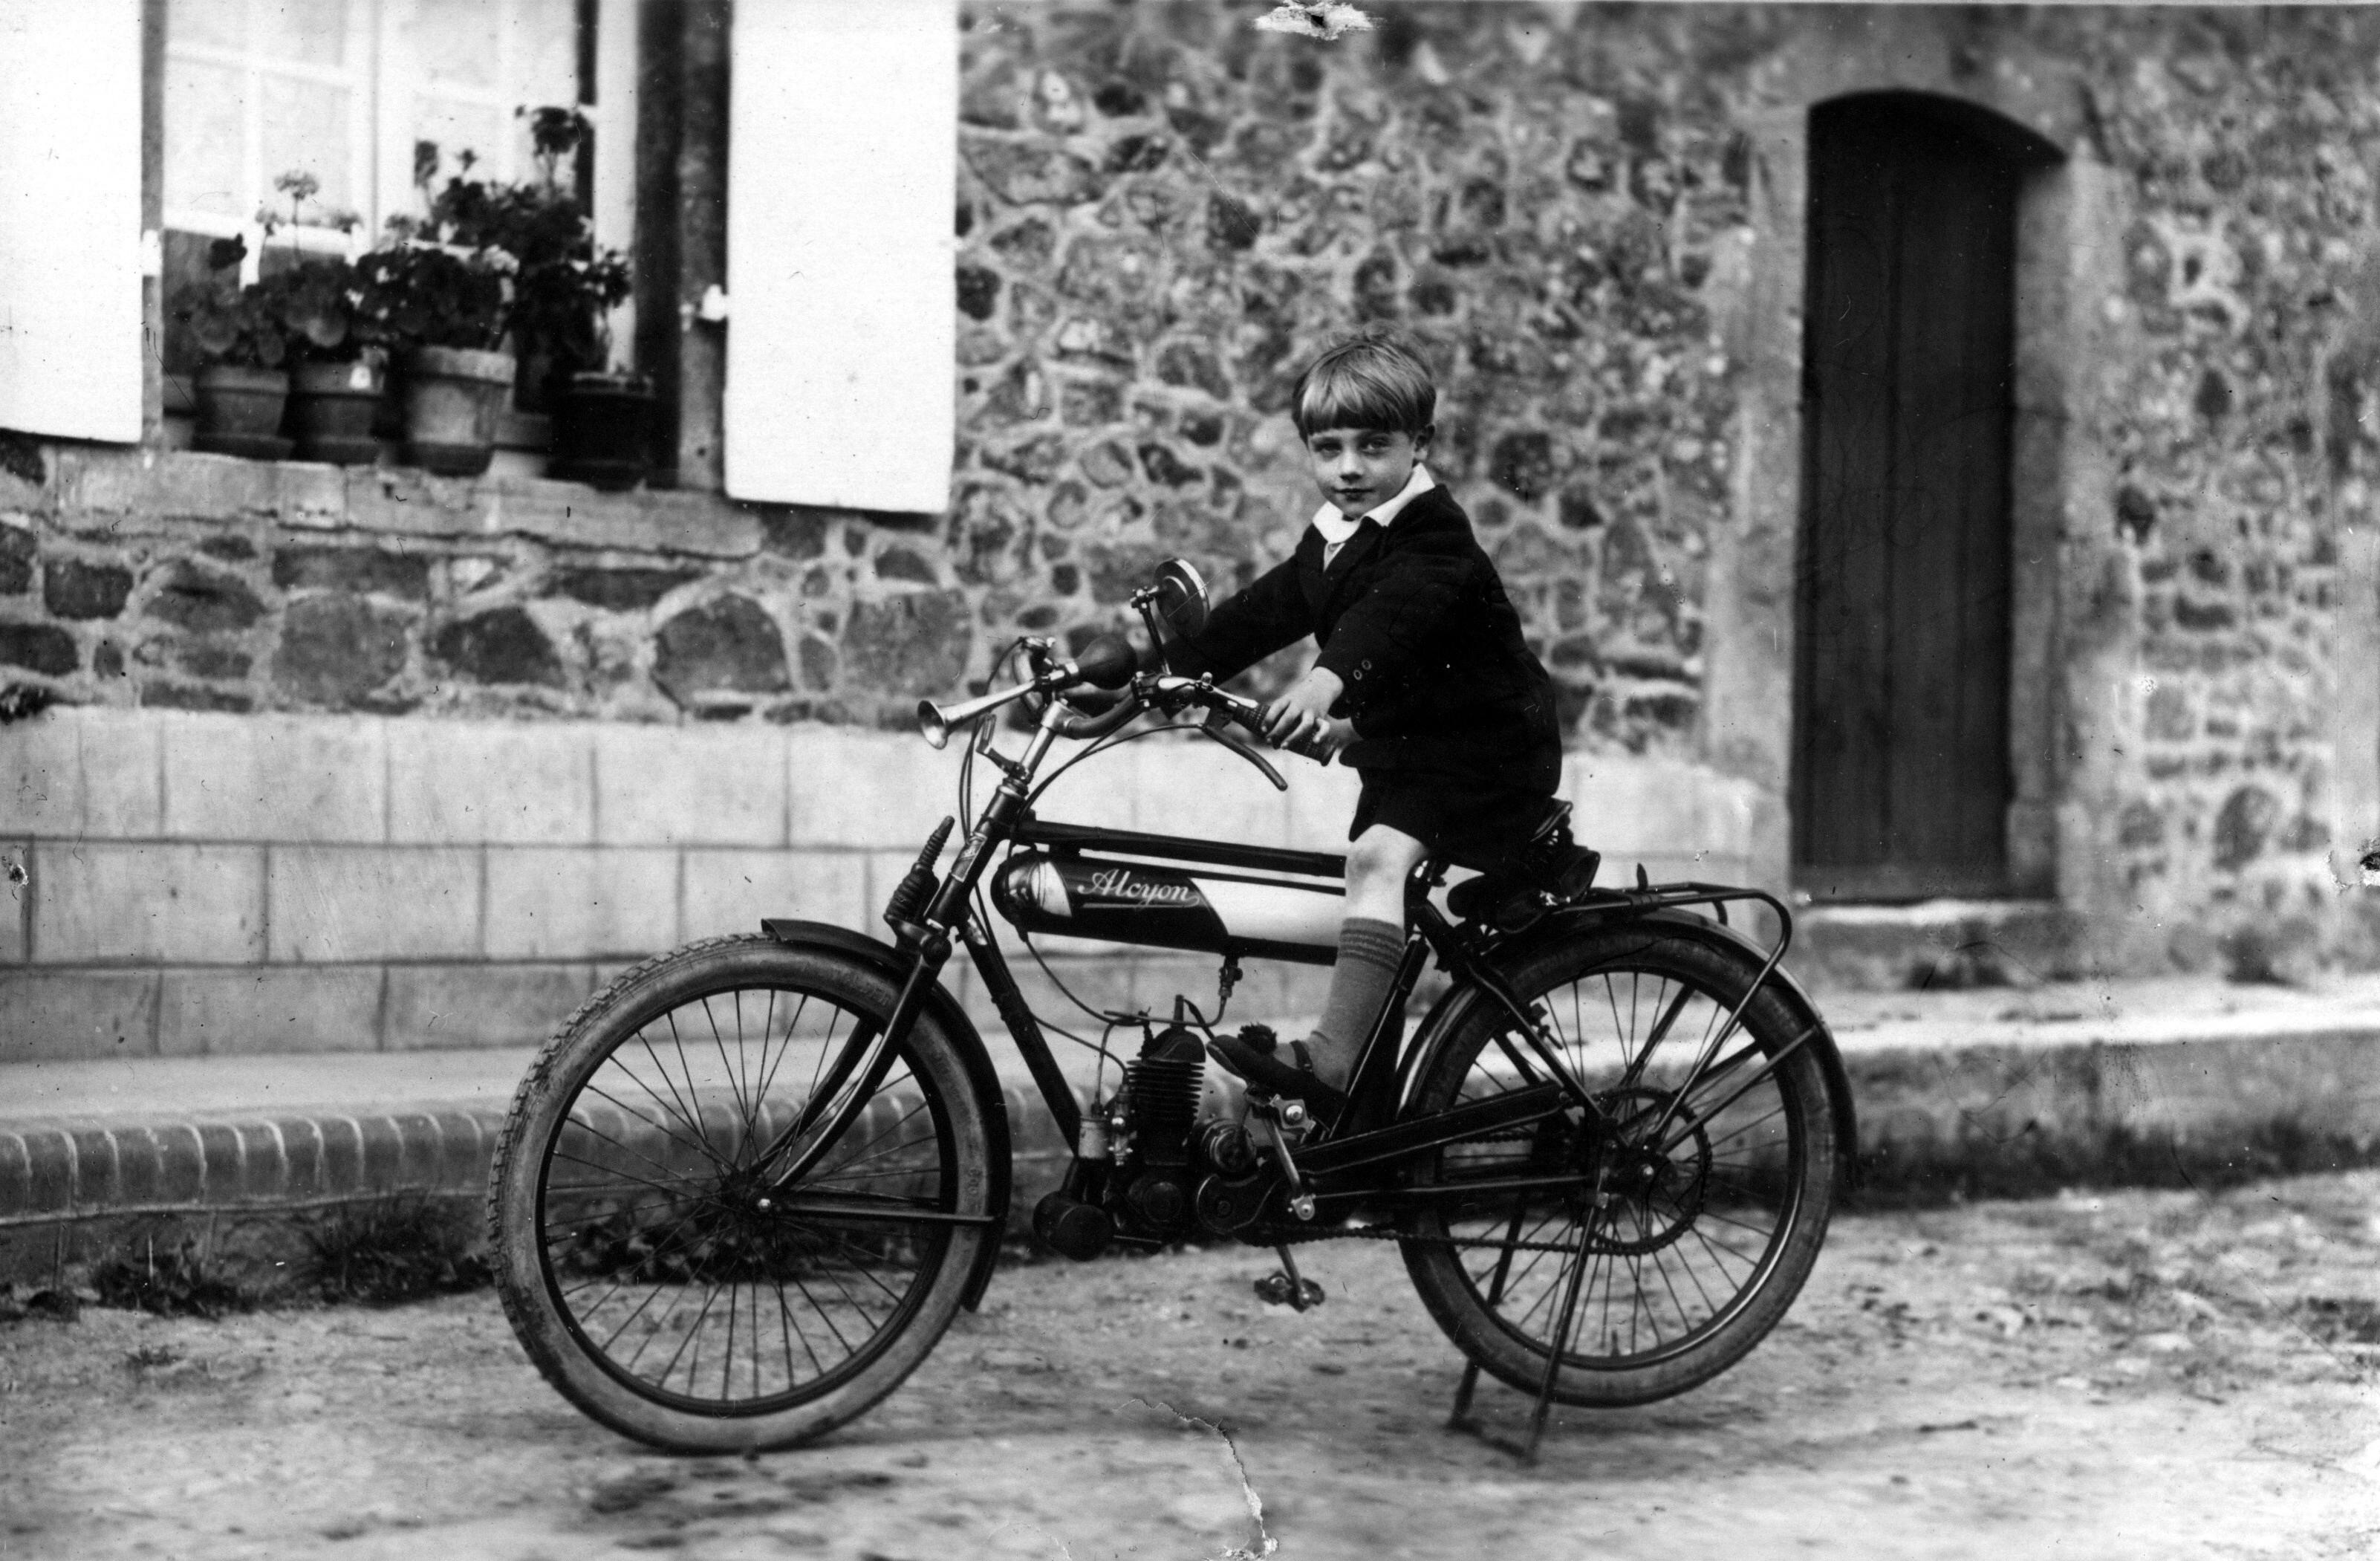 motos photos d'époque Fb9a17b81fa3fdc1